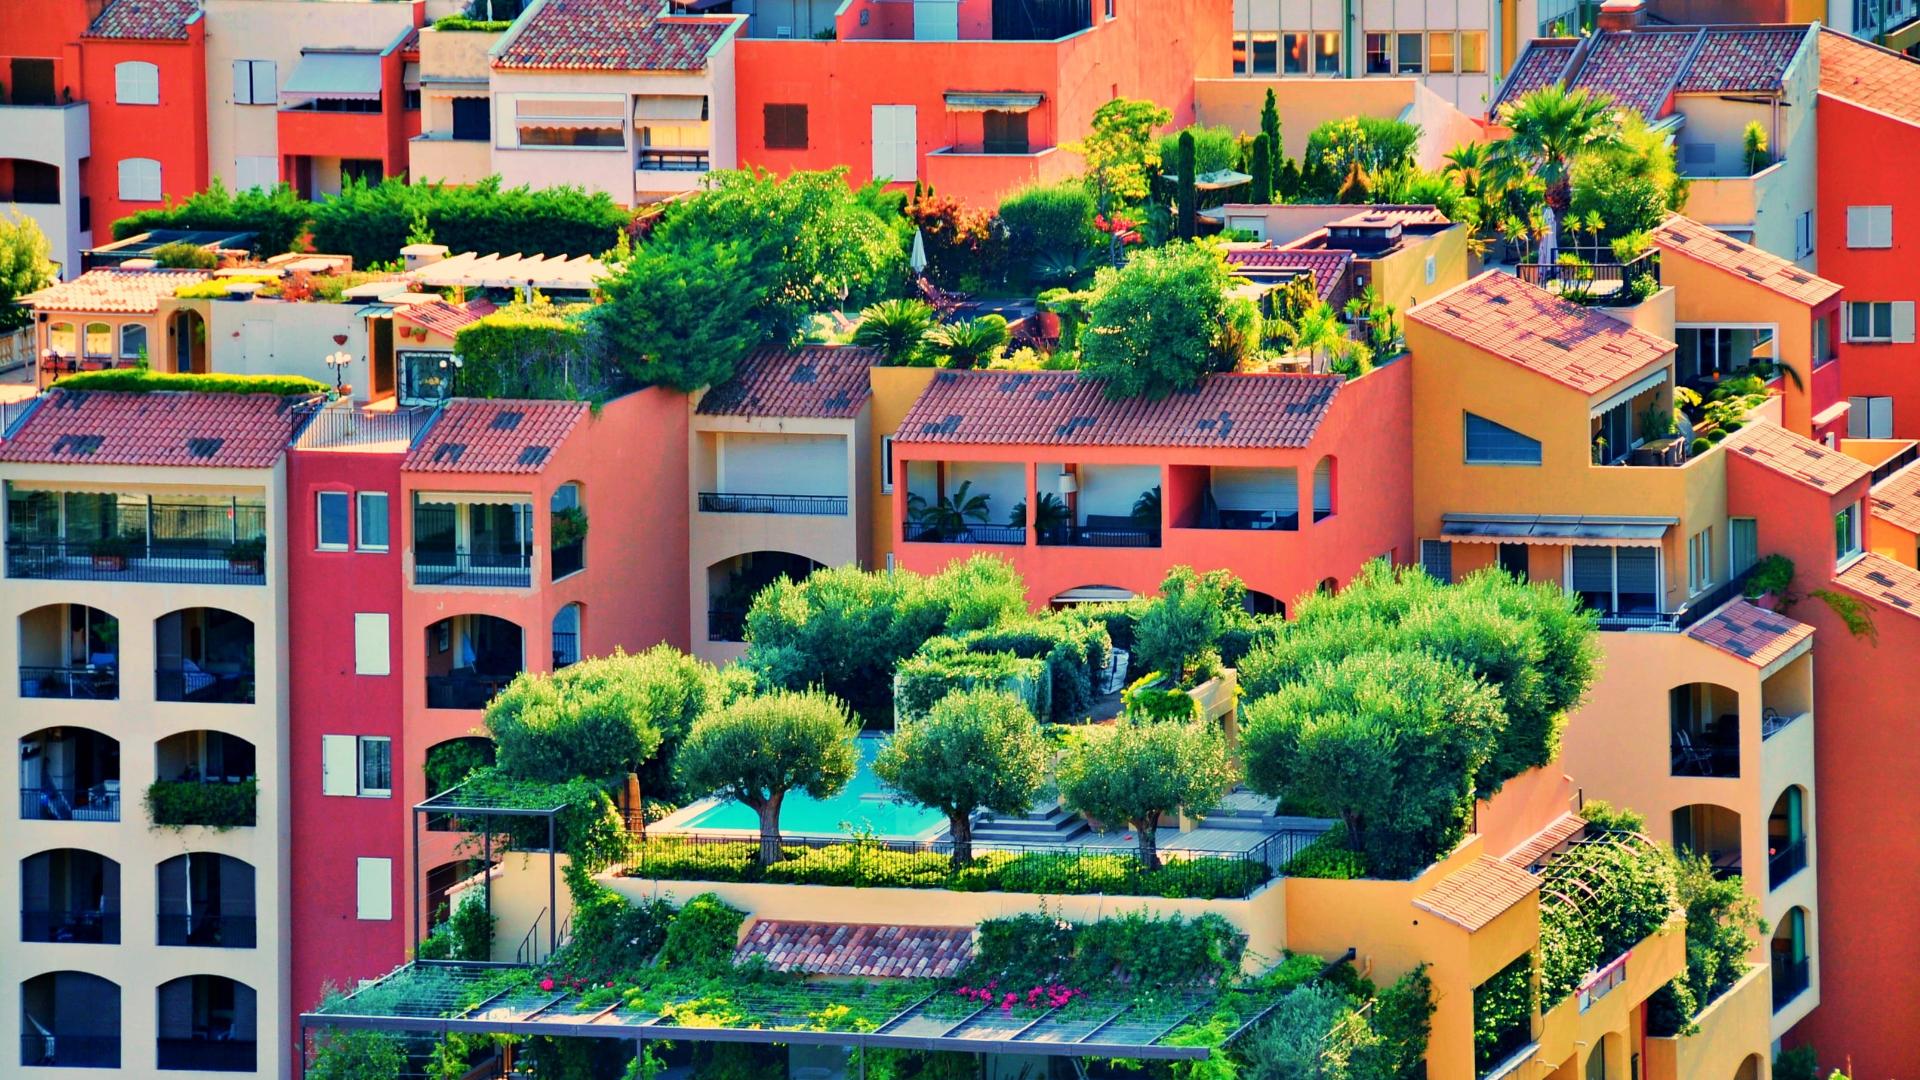 desain taman kecil dalam atap rumah